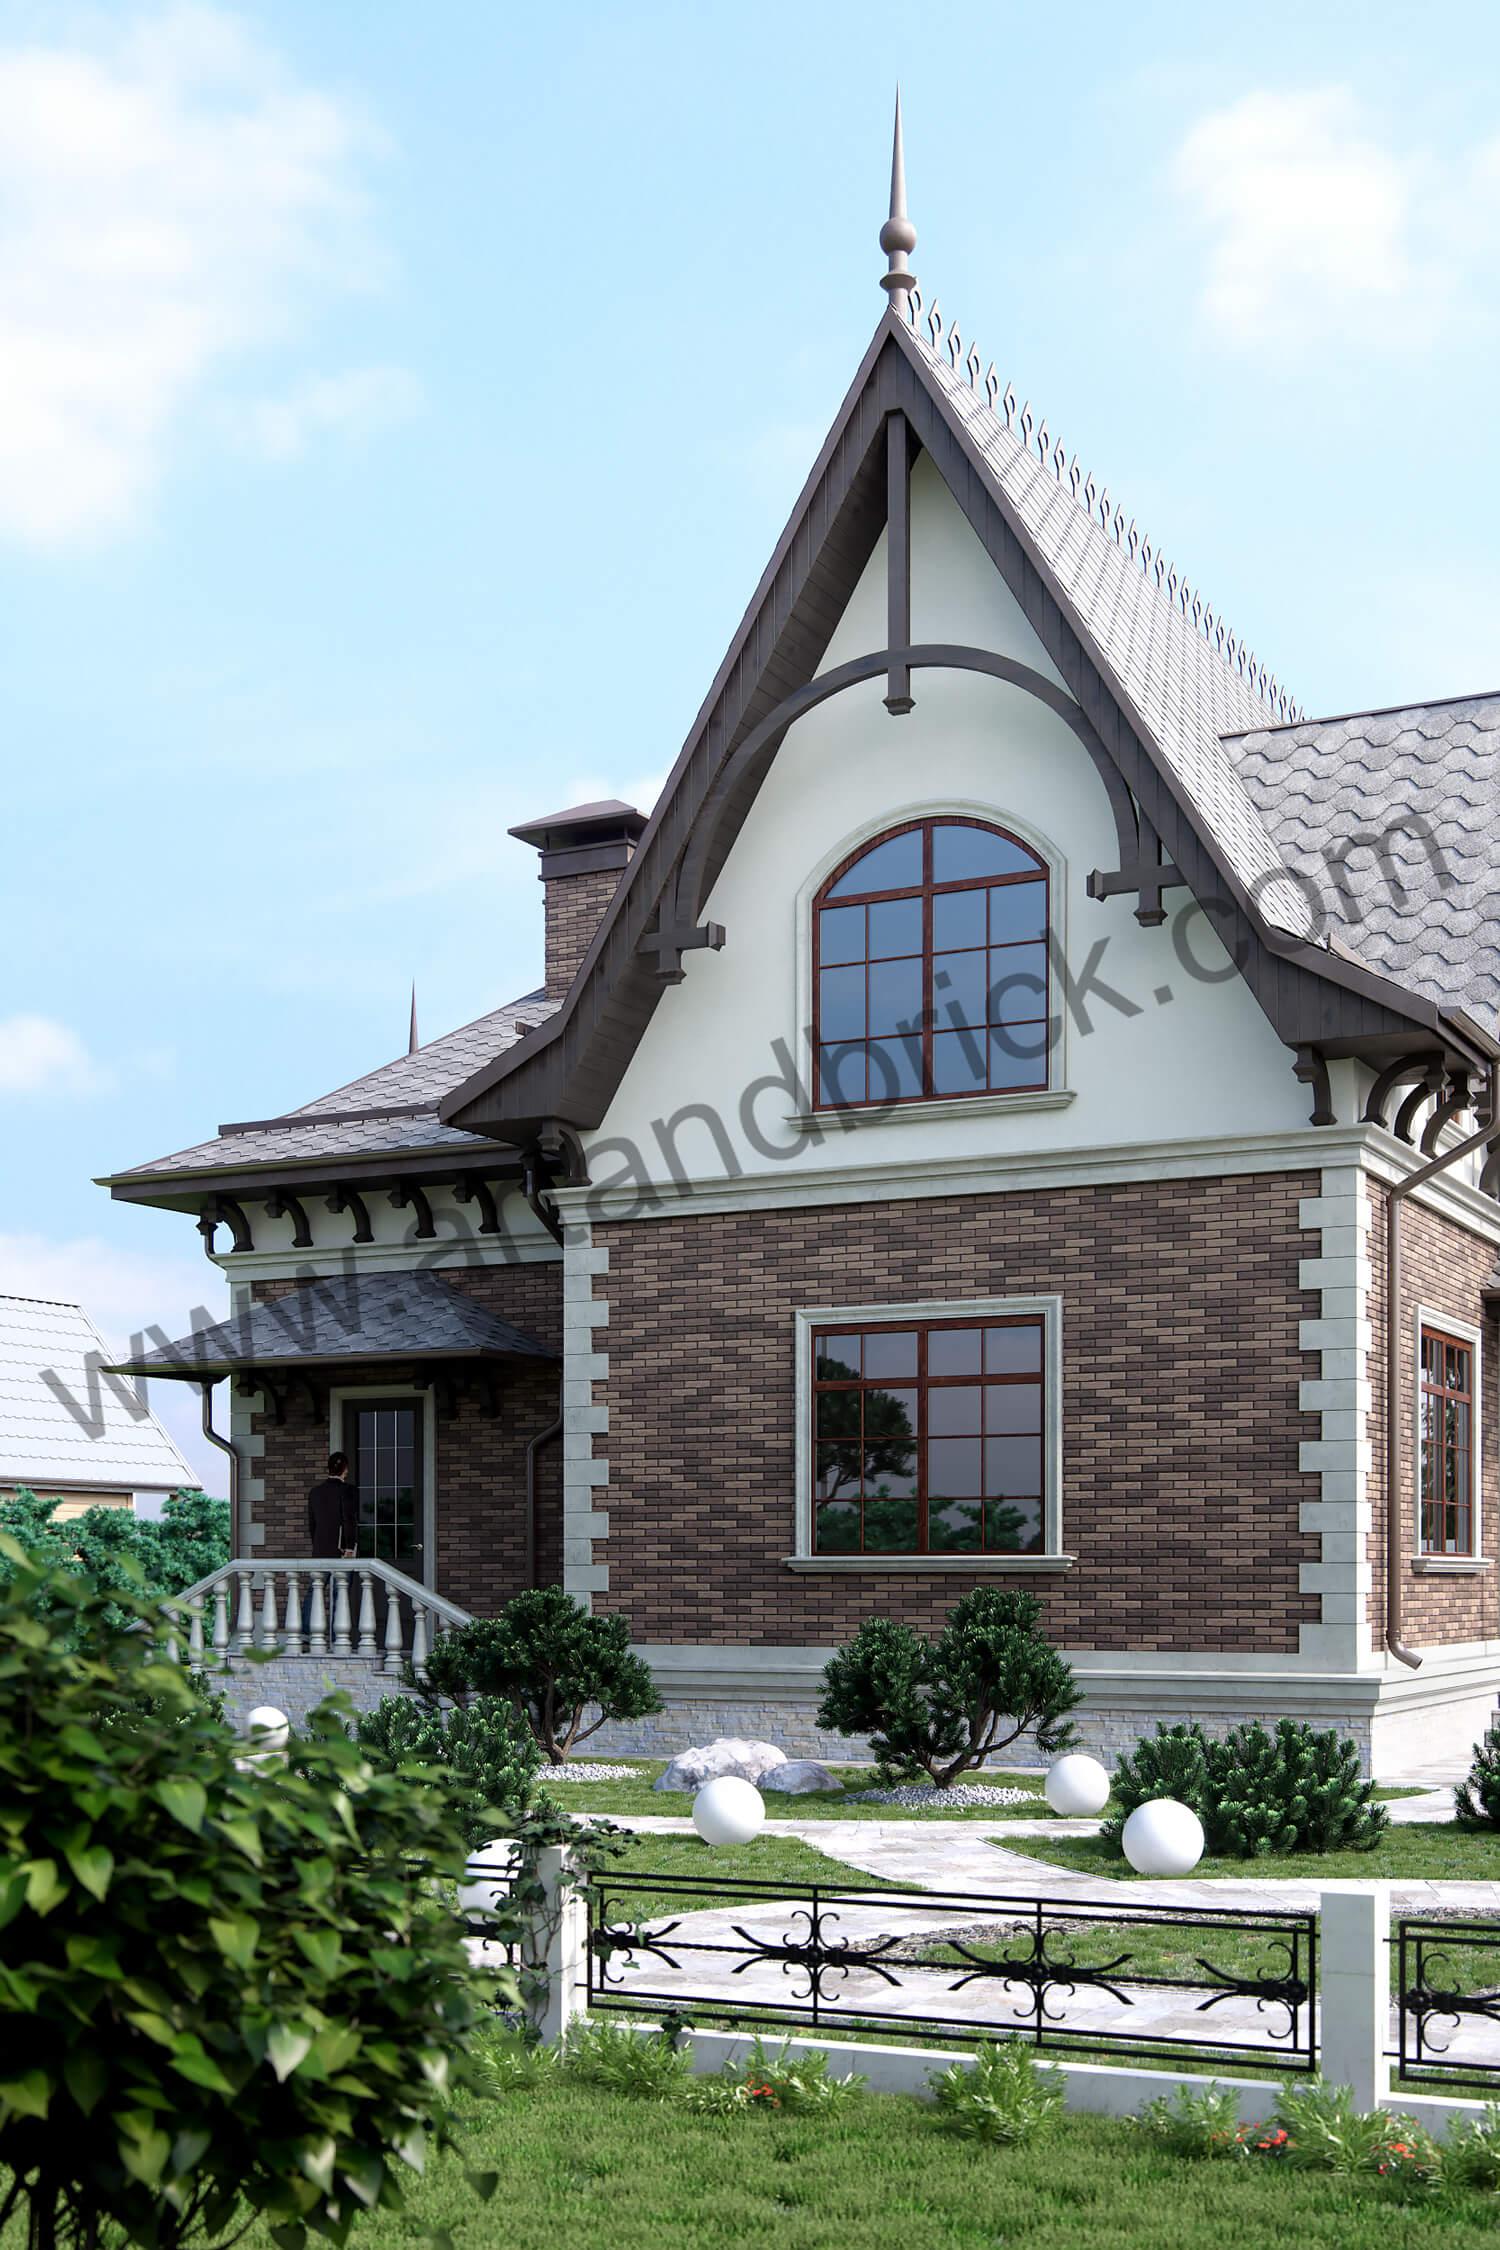 Архитектурный проект частного дома в викторианском стиле - боковой фасад с крыльцом. Площадь коттеджа с геометрией и фасадами Викторианской эпохи – 289,4 кв.м.